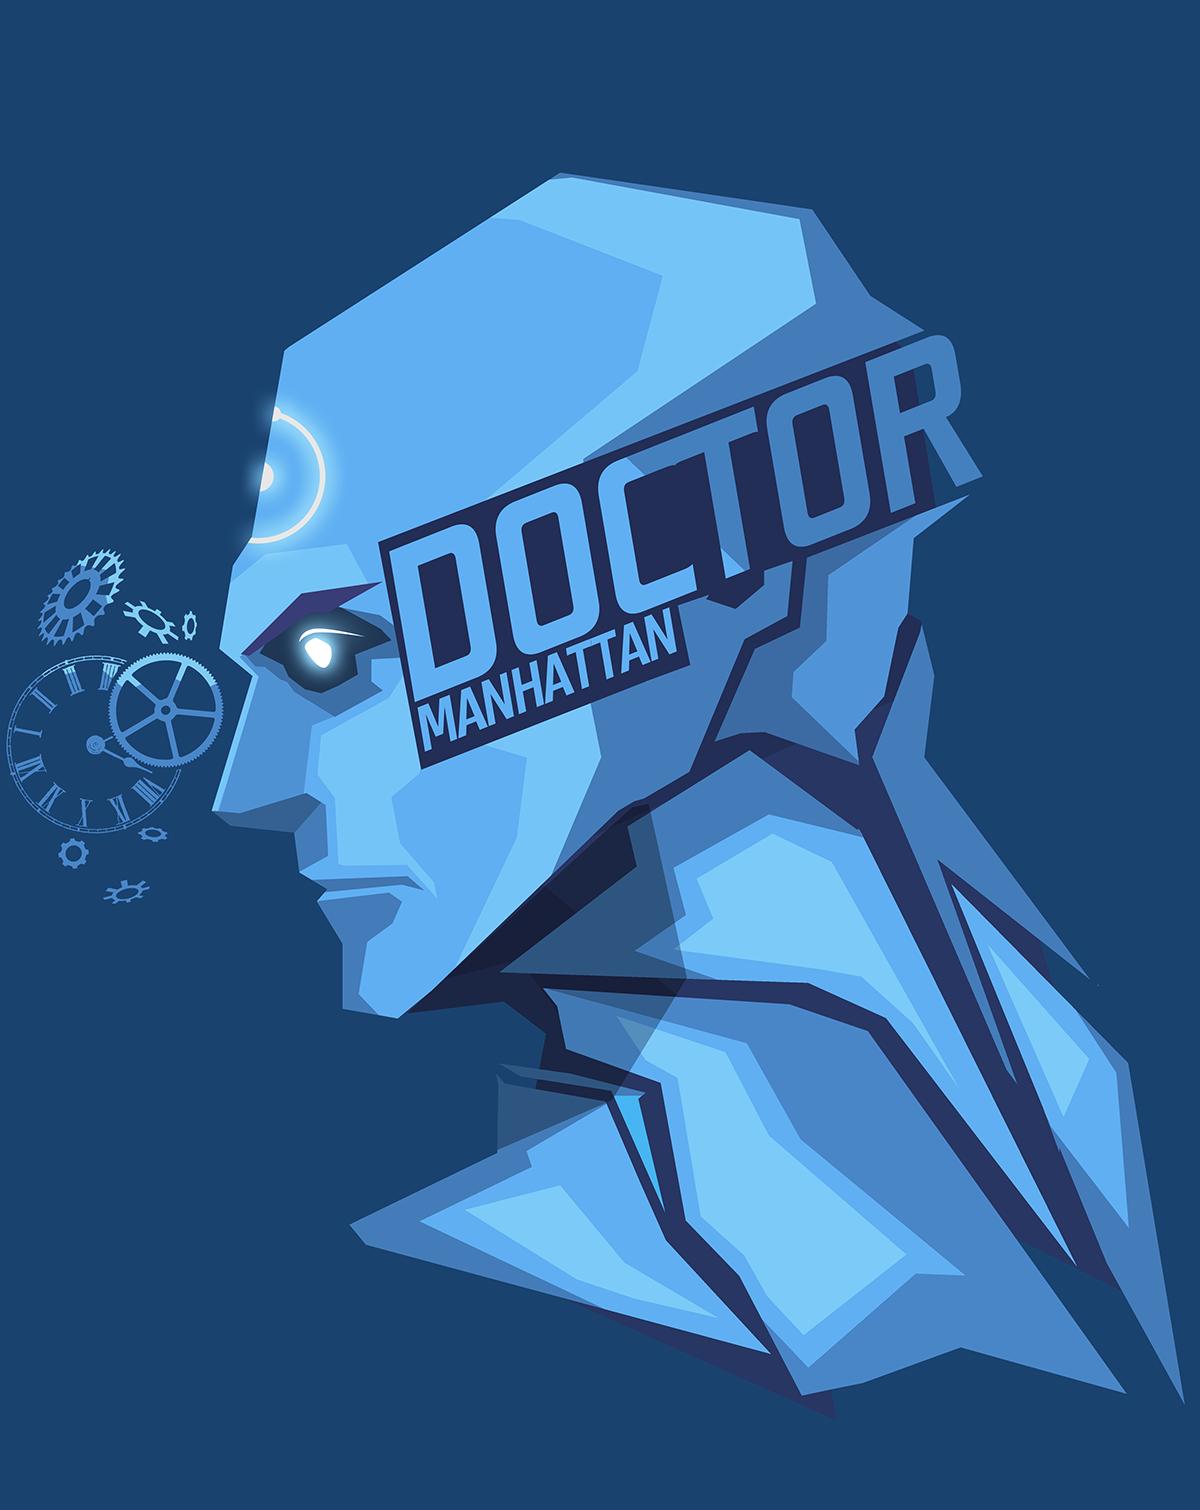 デスクトップ壁紙 図 青い背景 テキスト ロゴ 漫画